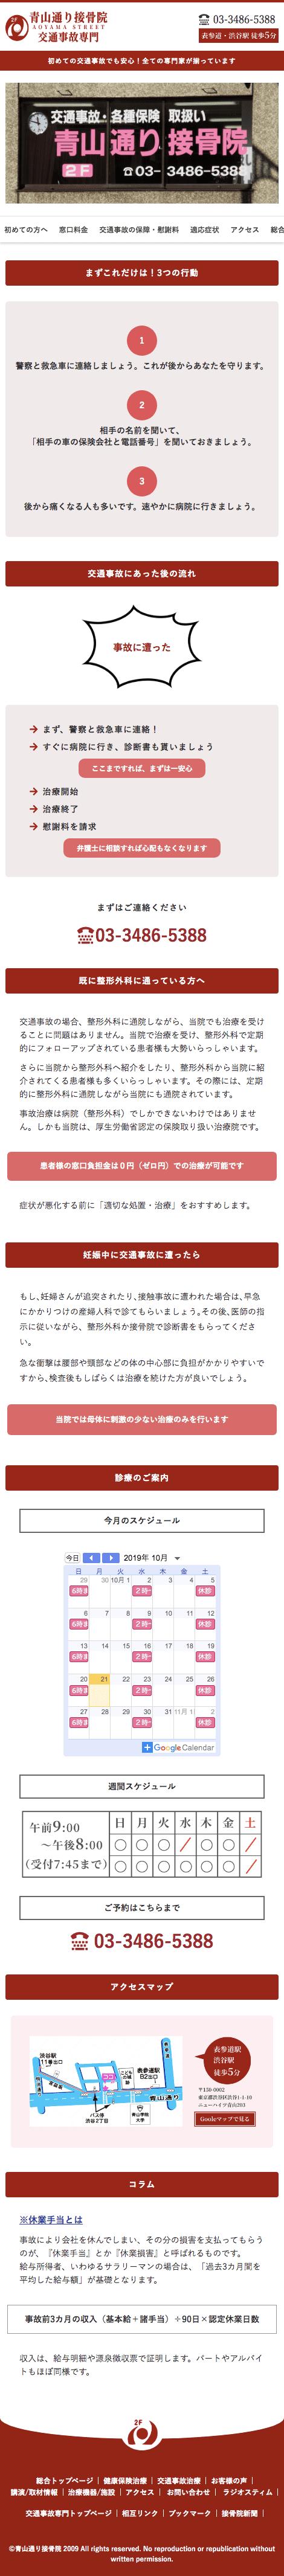 接骨院サイト(交通事故専門)/ SP版